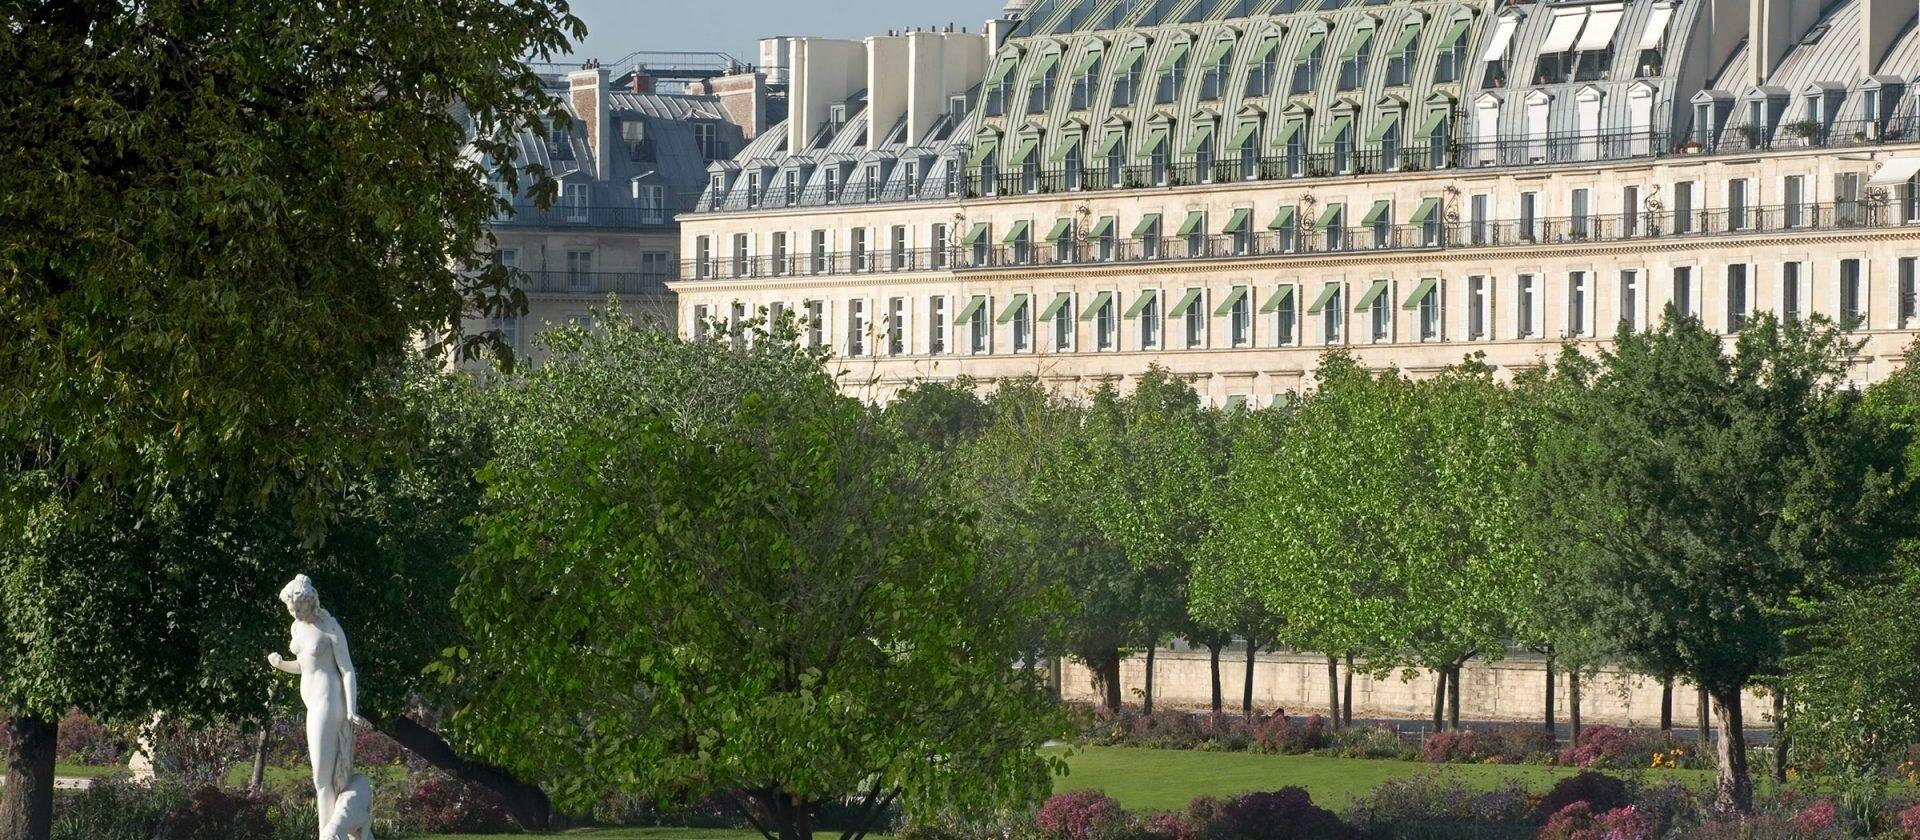 Le Meurice Paris 5 Star Luxury Hotel Dorchester